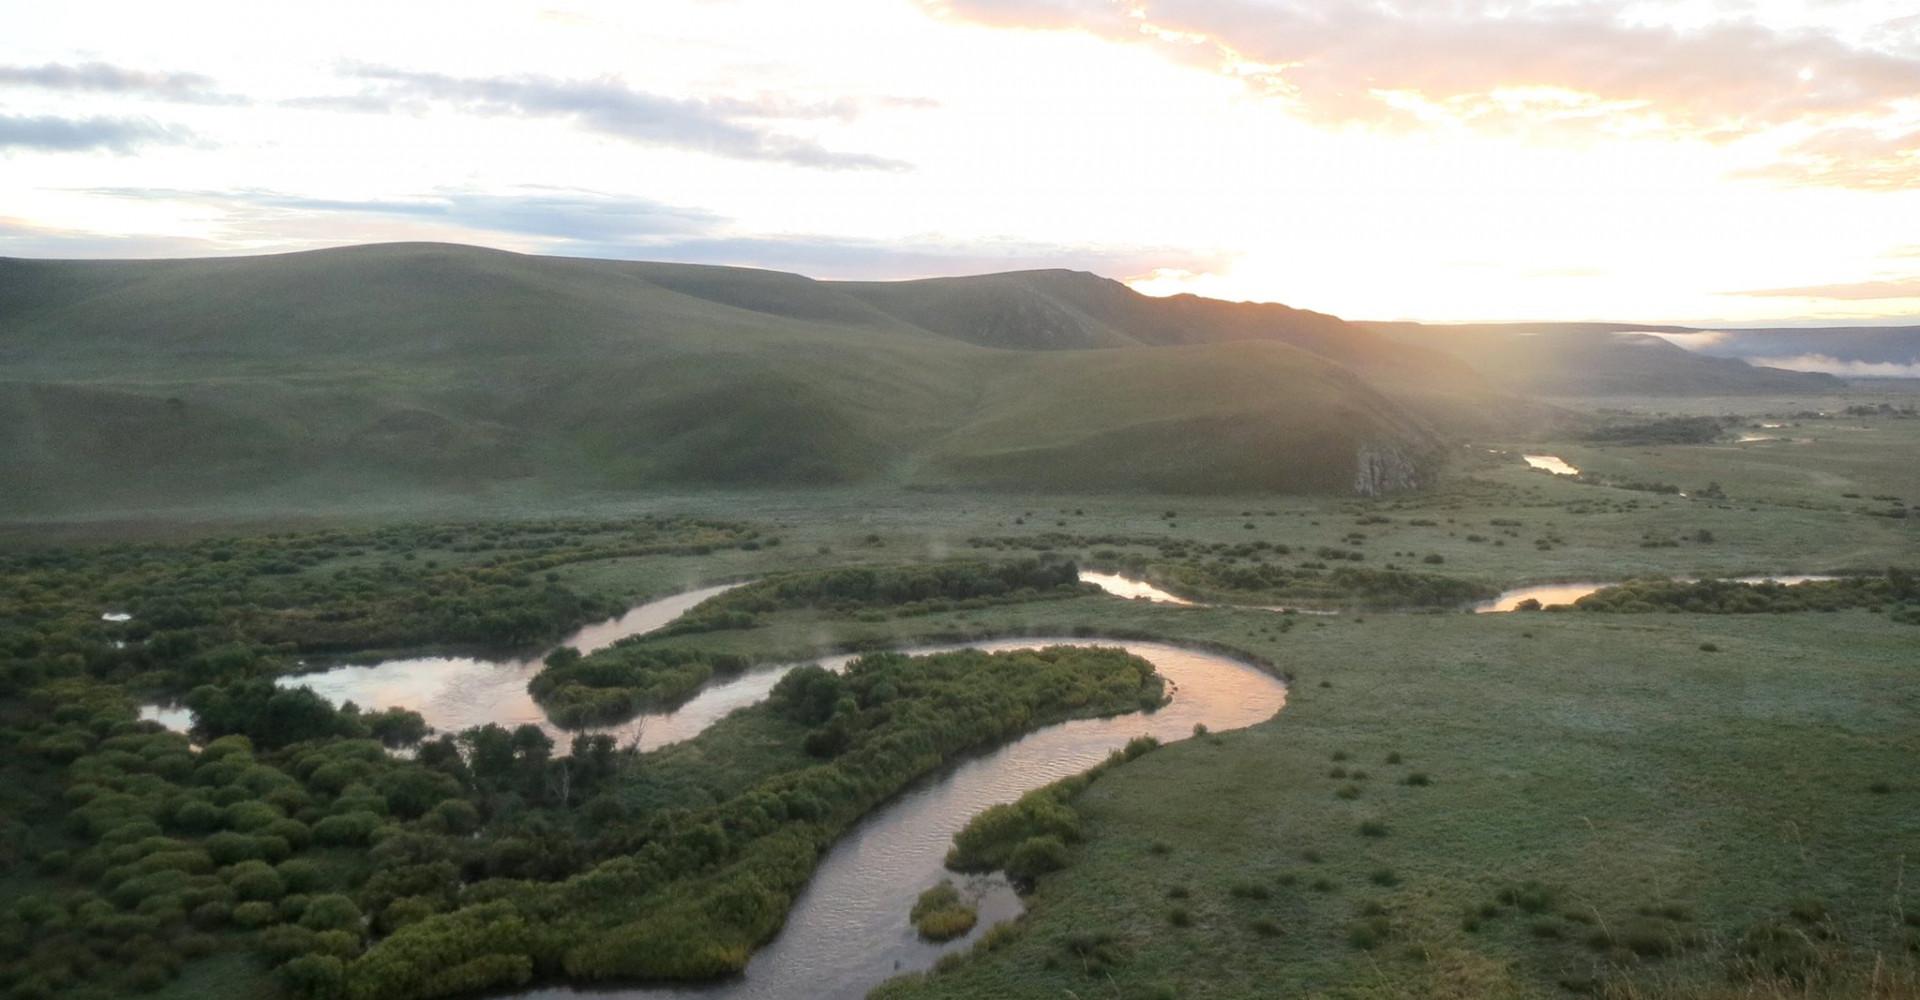 Khalkh River